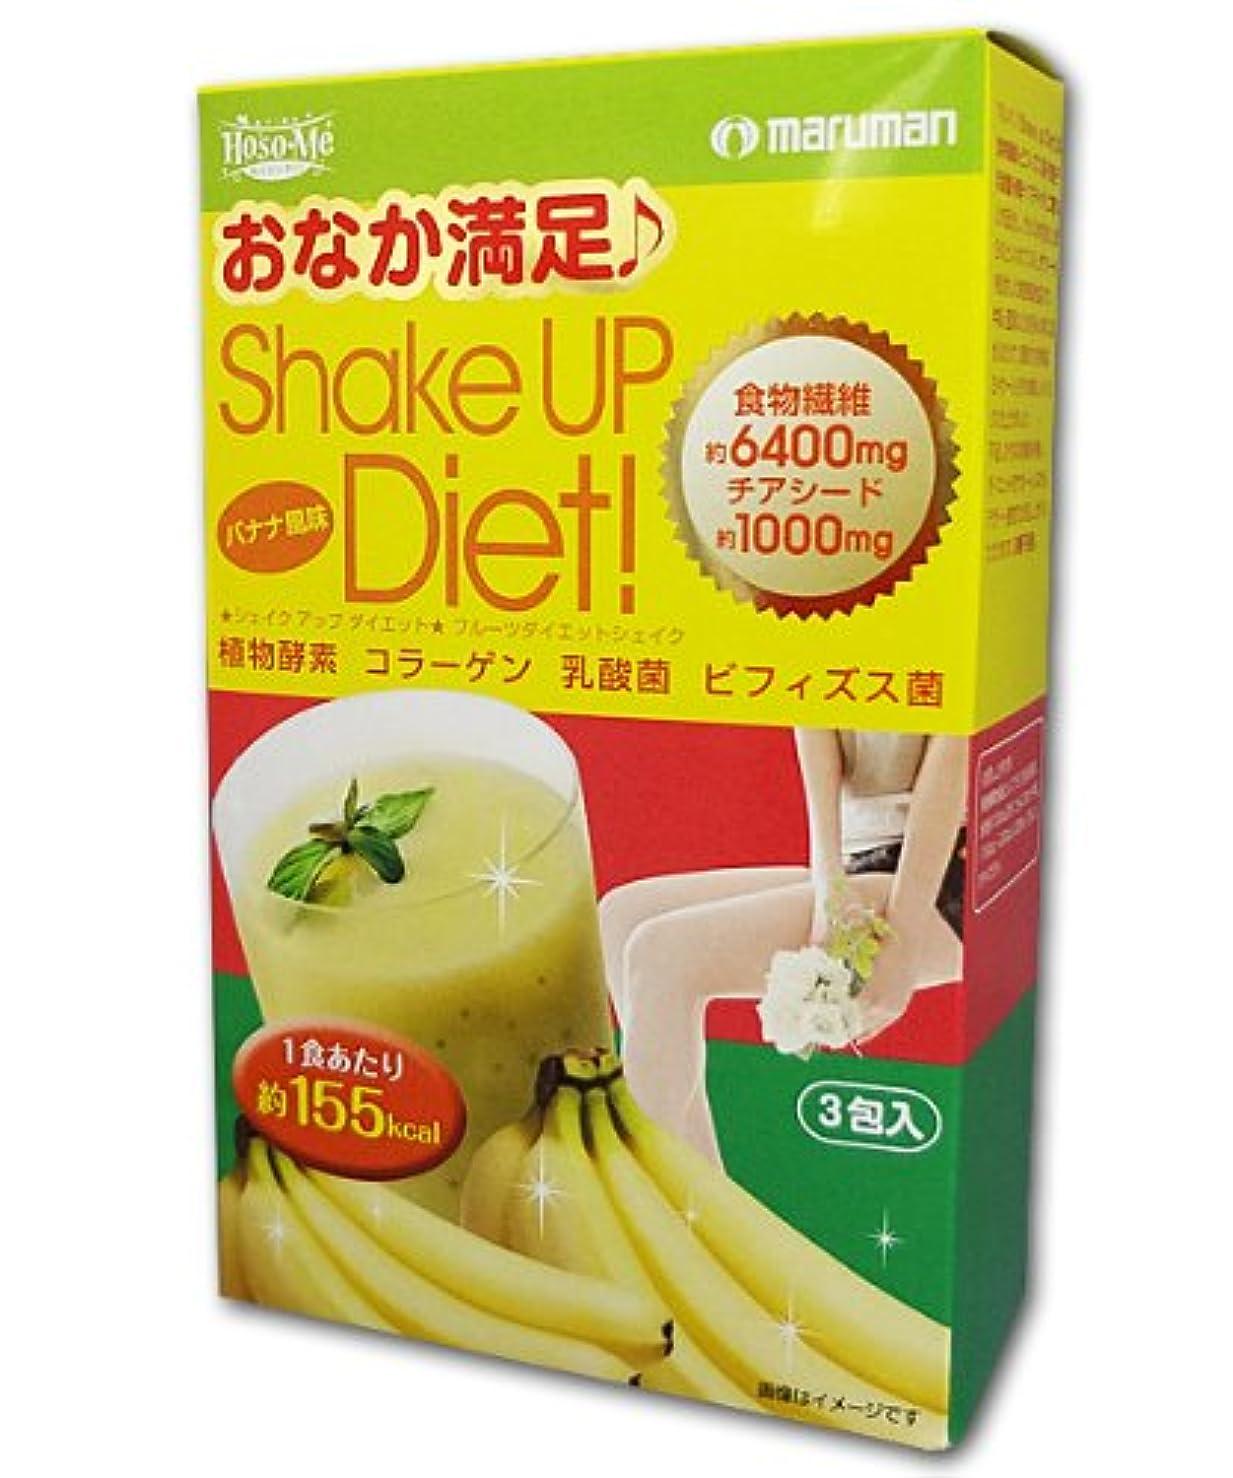 台風高度な即席マルマン シェイクアップダイエット バナナ風味 3包入